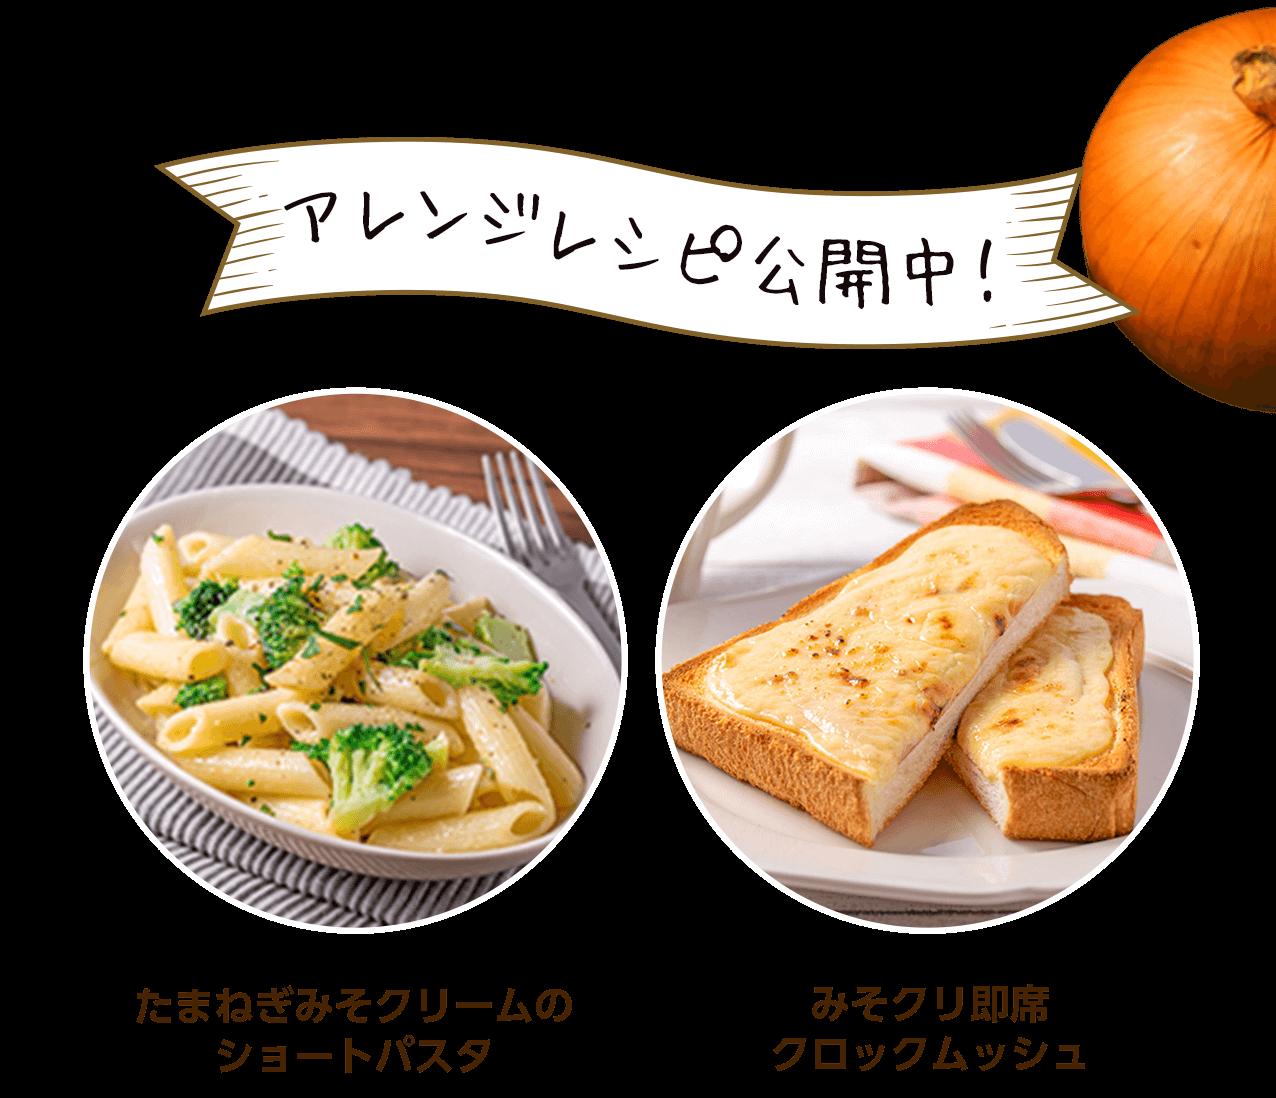 アレンジレシピ公開中